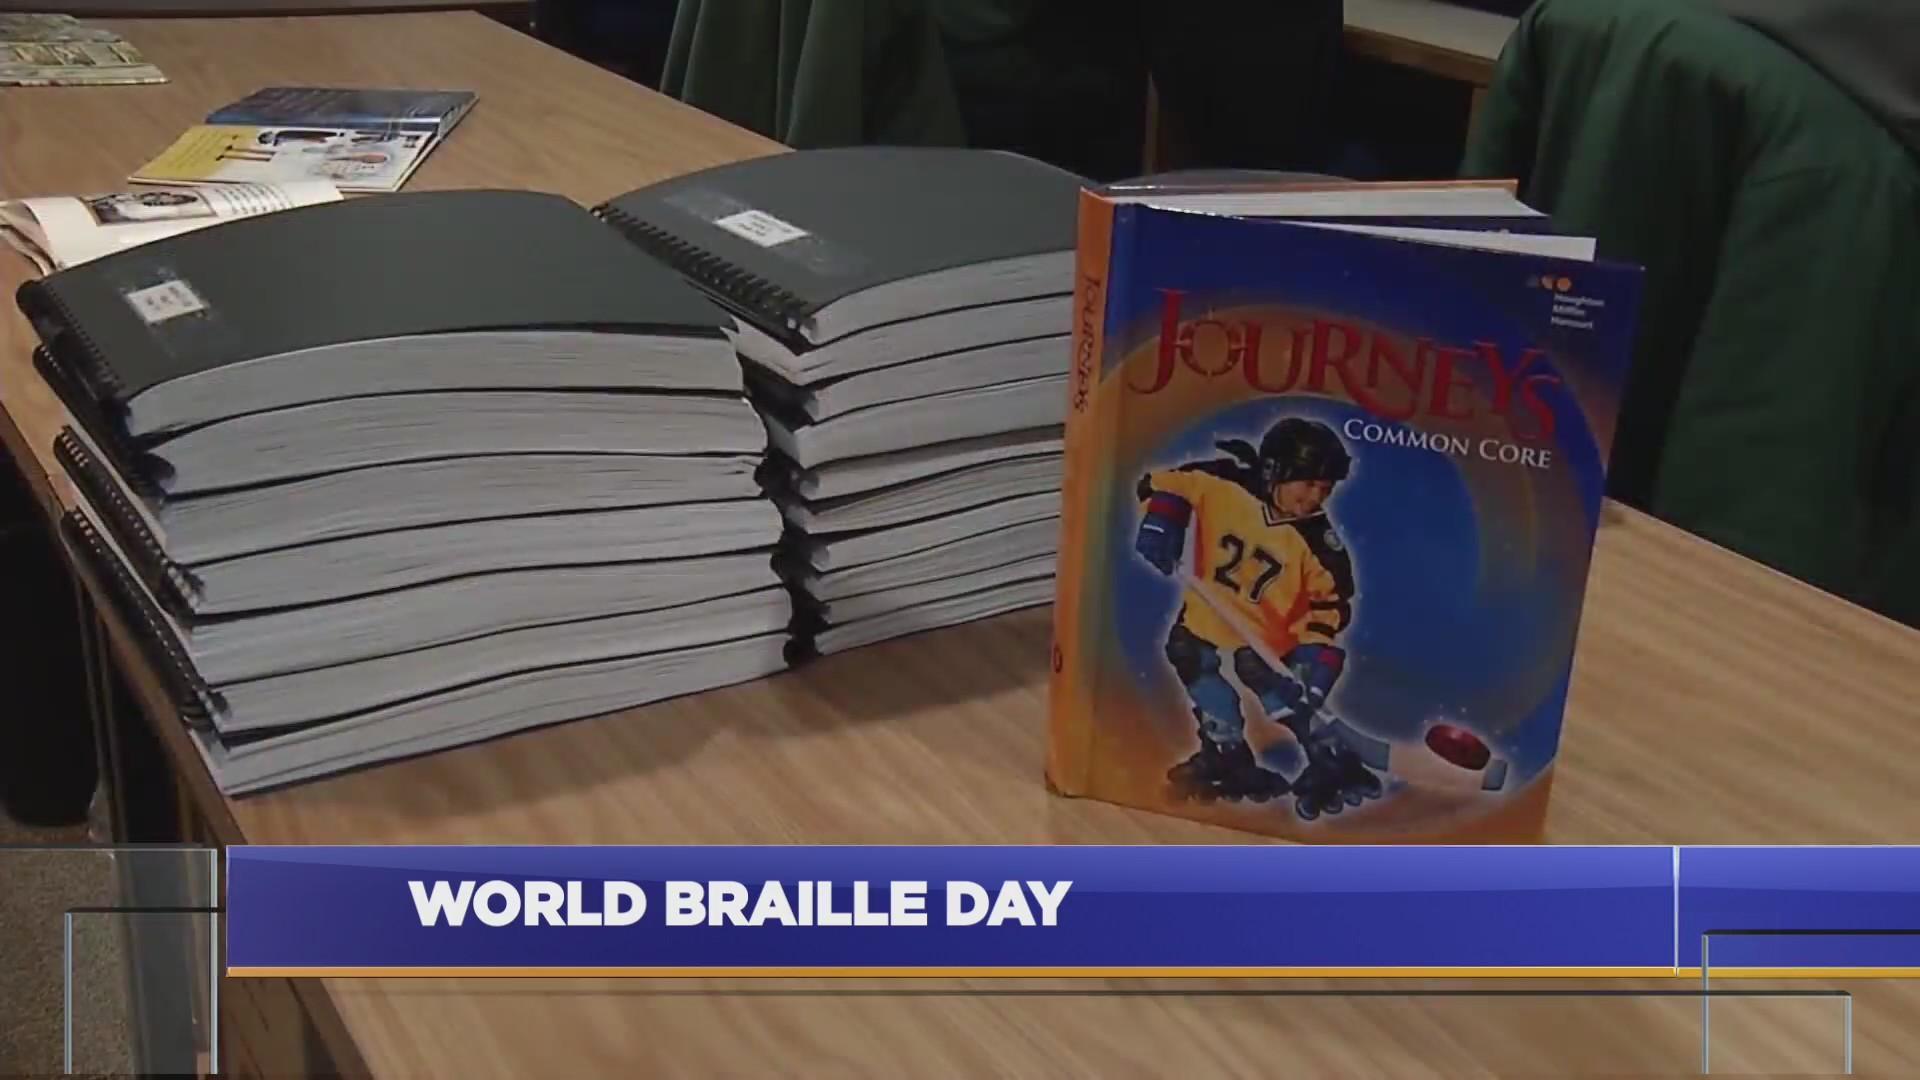 Braille_day_0_20190105010406